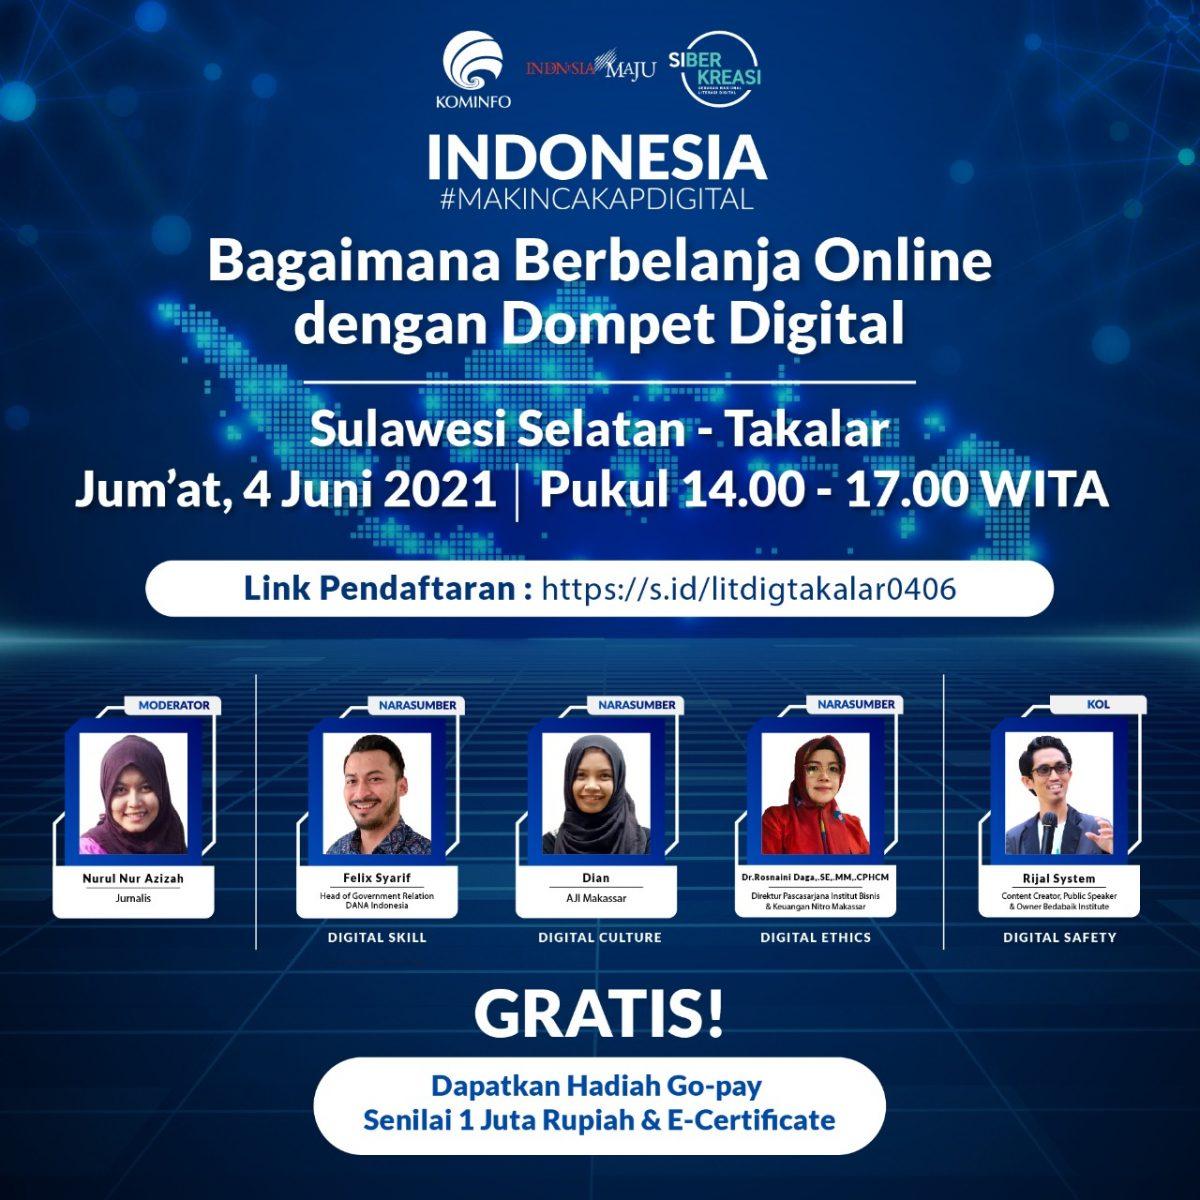 Indonesia Makin Cakap Digital, Direktur Pascasarjana Ngobrol Tentang Digital Ethics